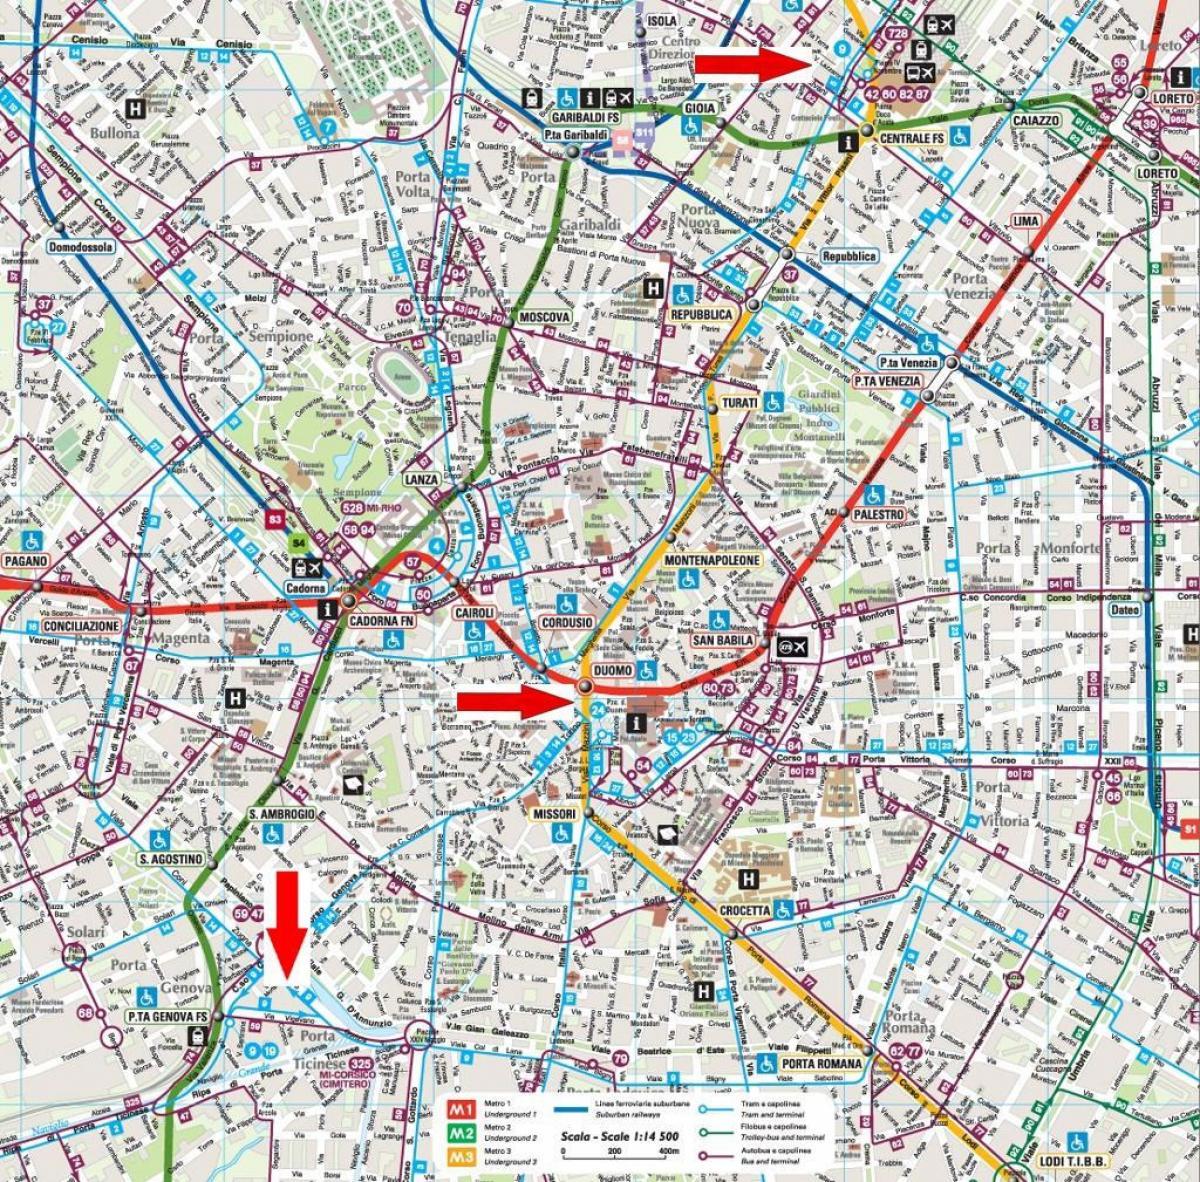 Karte Anzeigen.Navigli Mailand Anzeigen Mailand Navigli Karte Lombardei